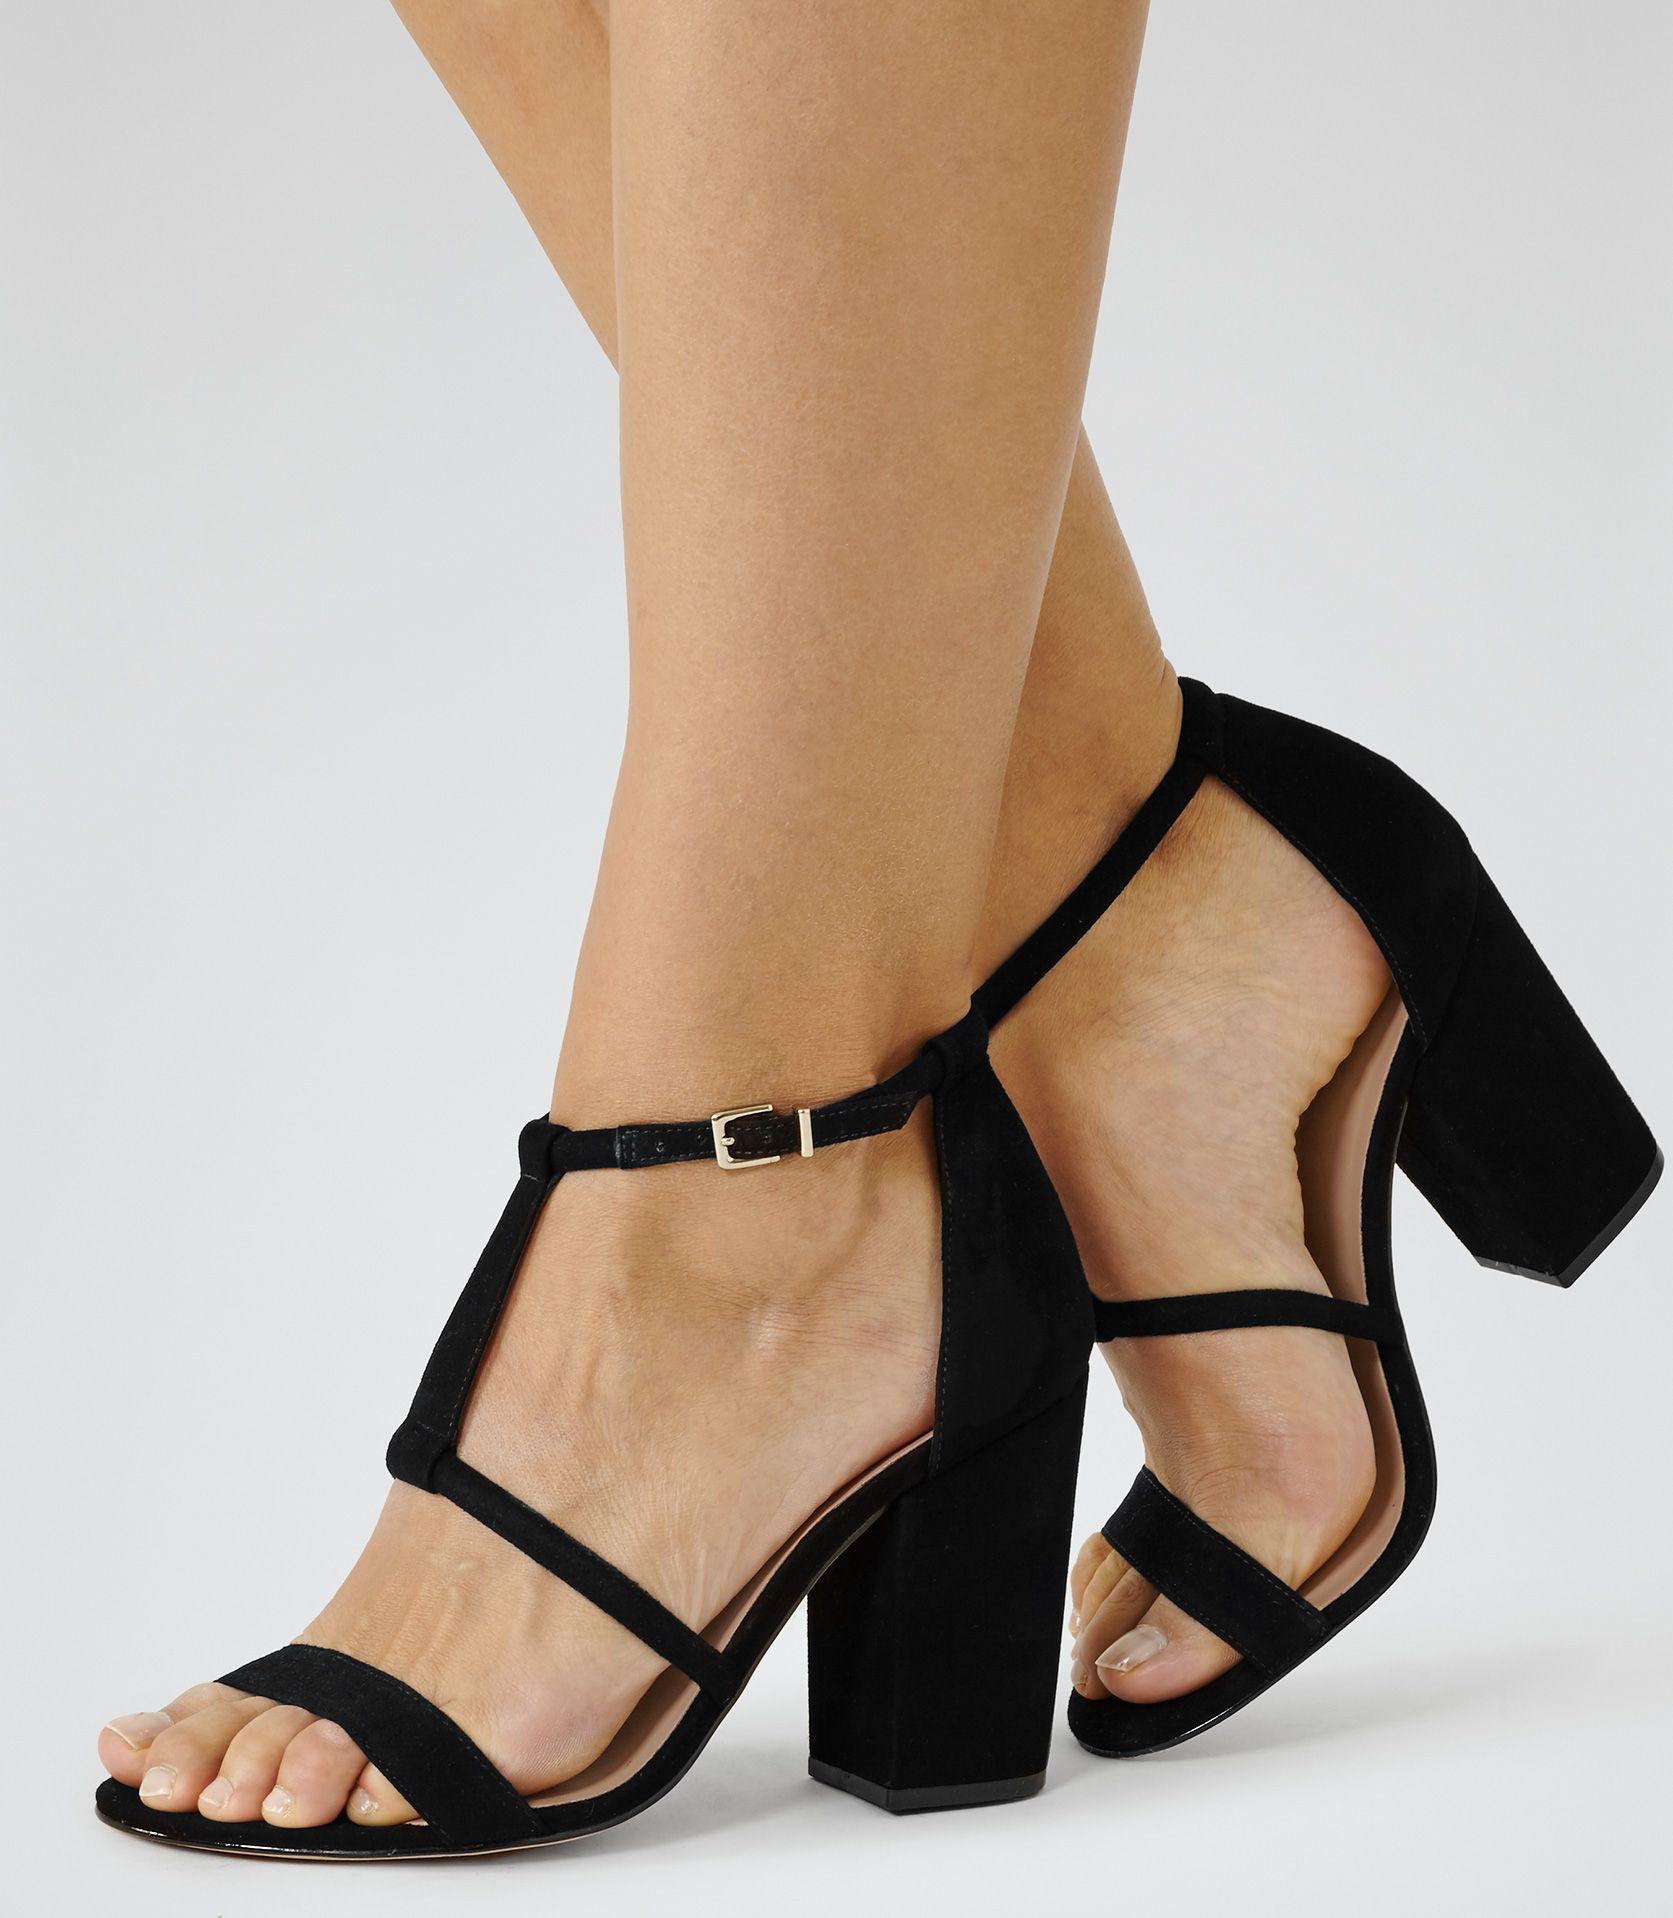 fe089680ee8e Womens Black Block Heel Suede Sandals - Reiss Moretz